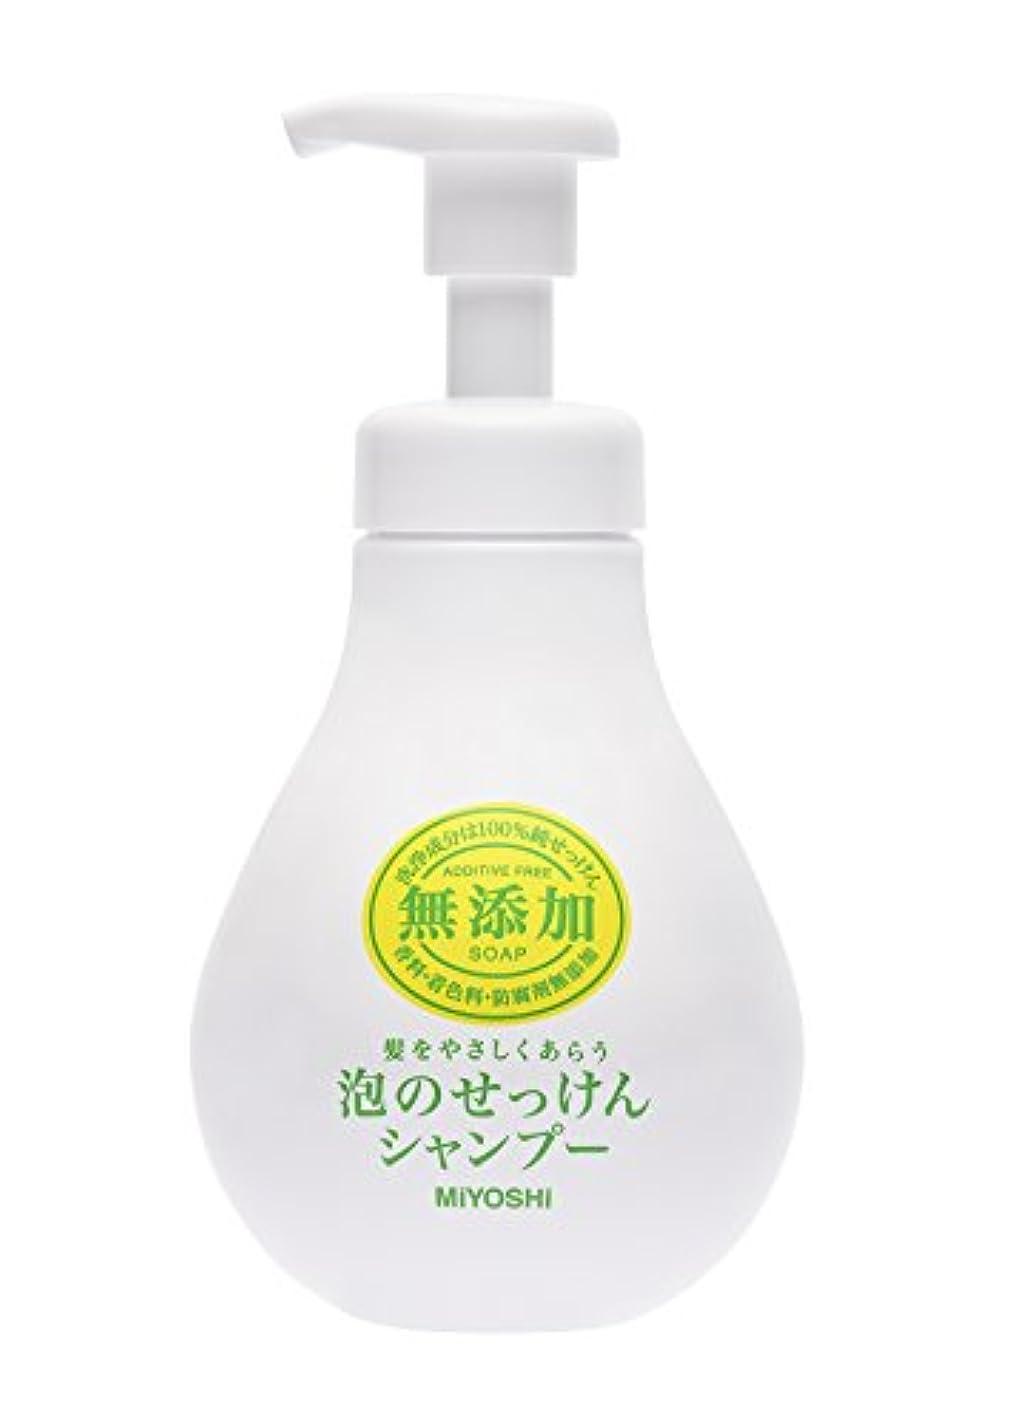 ルーム豆腐再生的ミヨシ石鹸 無添加 泡のせっけんシャンプー シャンプー本体 500mL